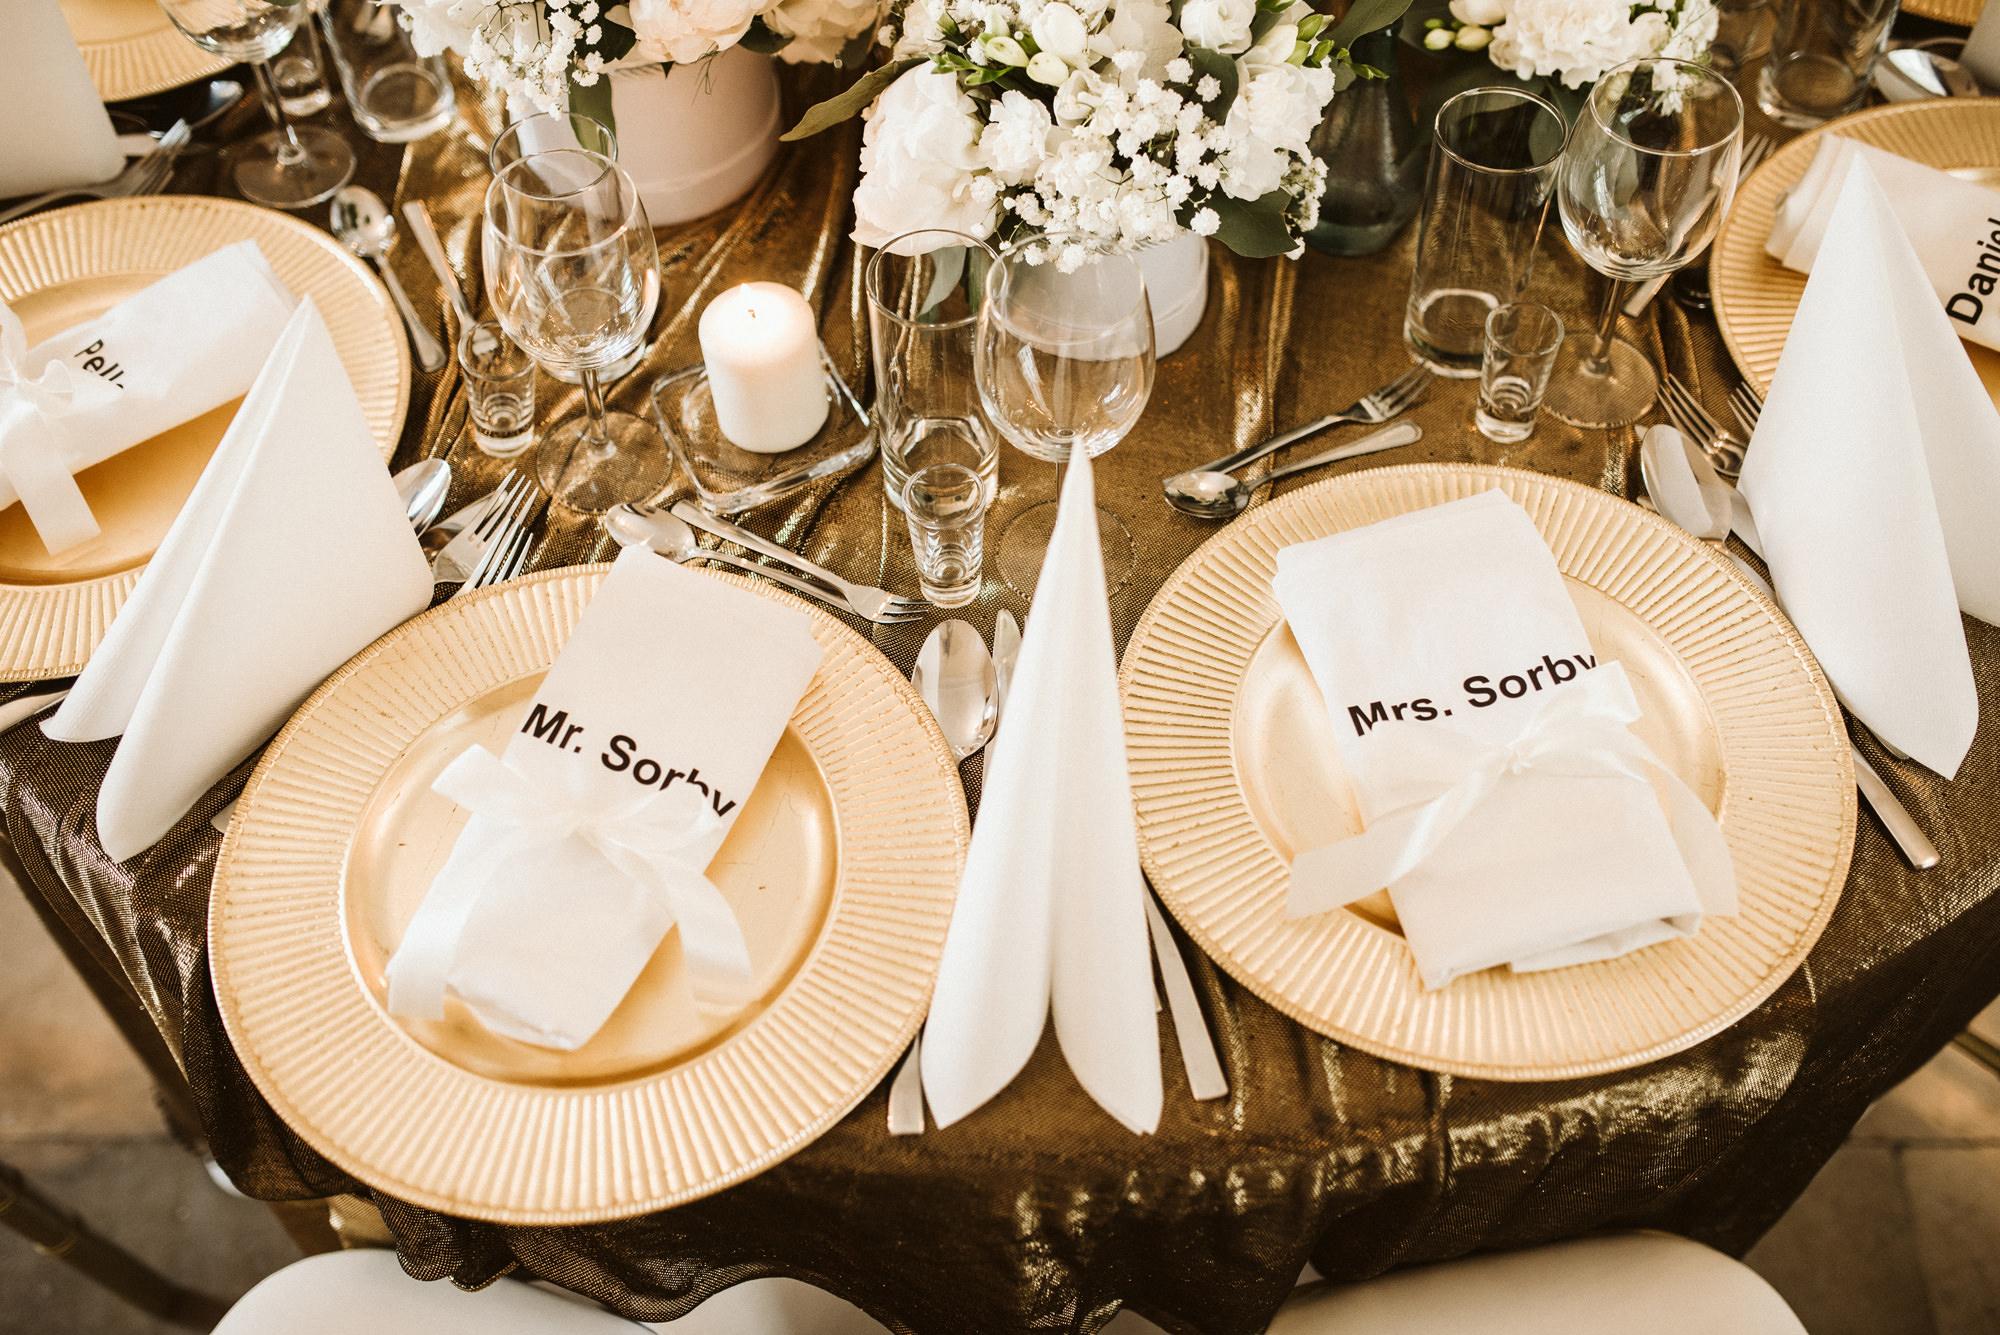 wesele w palacu radziwillow, palac radziwillow w balicach, balice wesele, balice slub, slub w palacu, elegancki slub, eleganckie wesele, wesele w palacu, slub w krakowie, wesele w krakowie